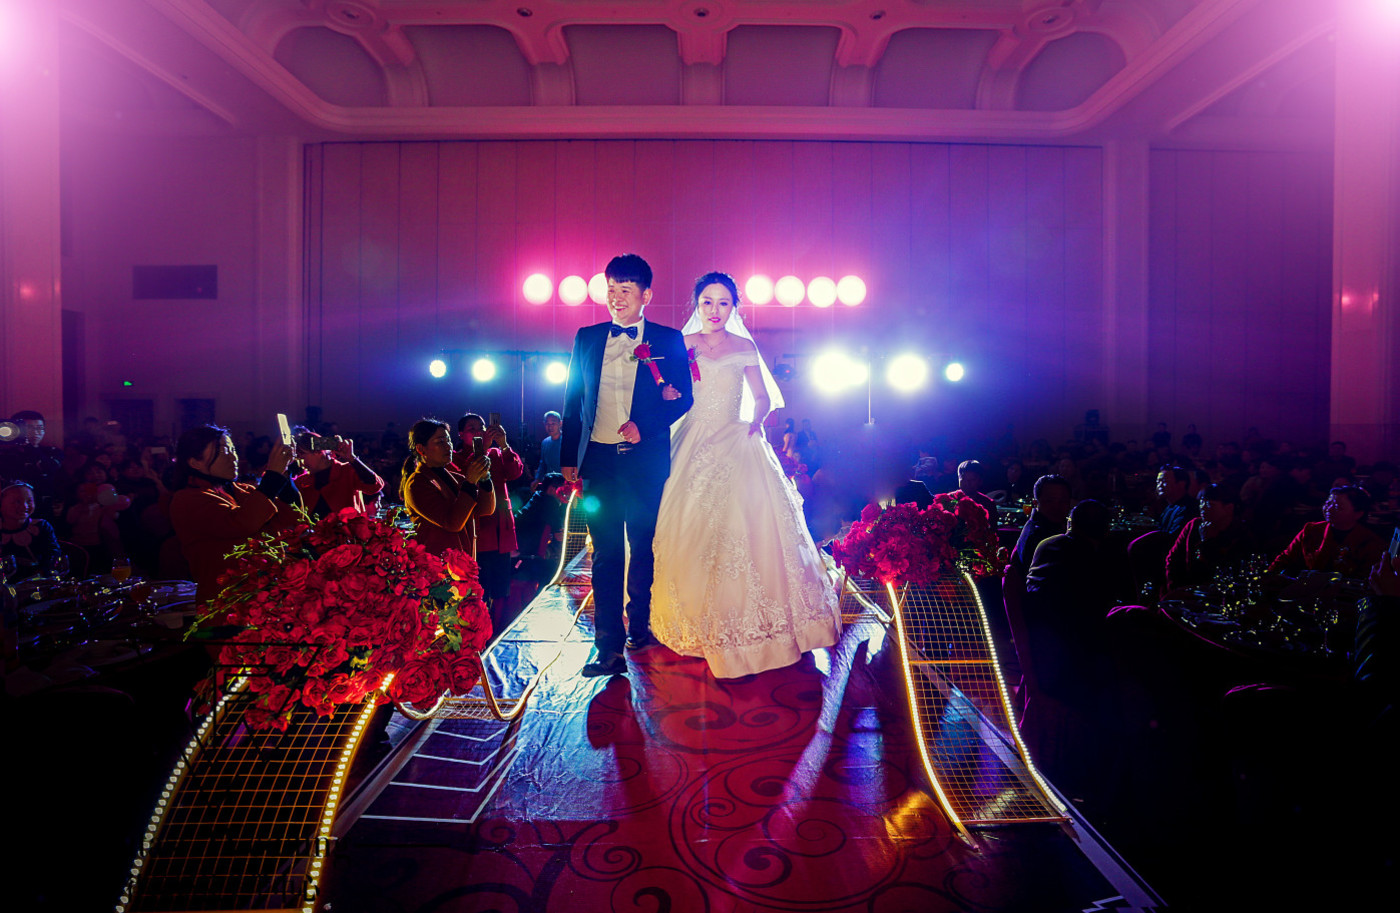 「Fantasy Wedding」&G R 白金汉爵25